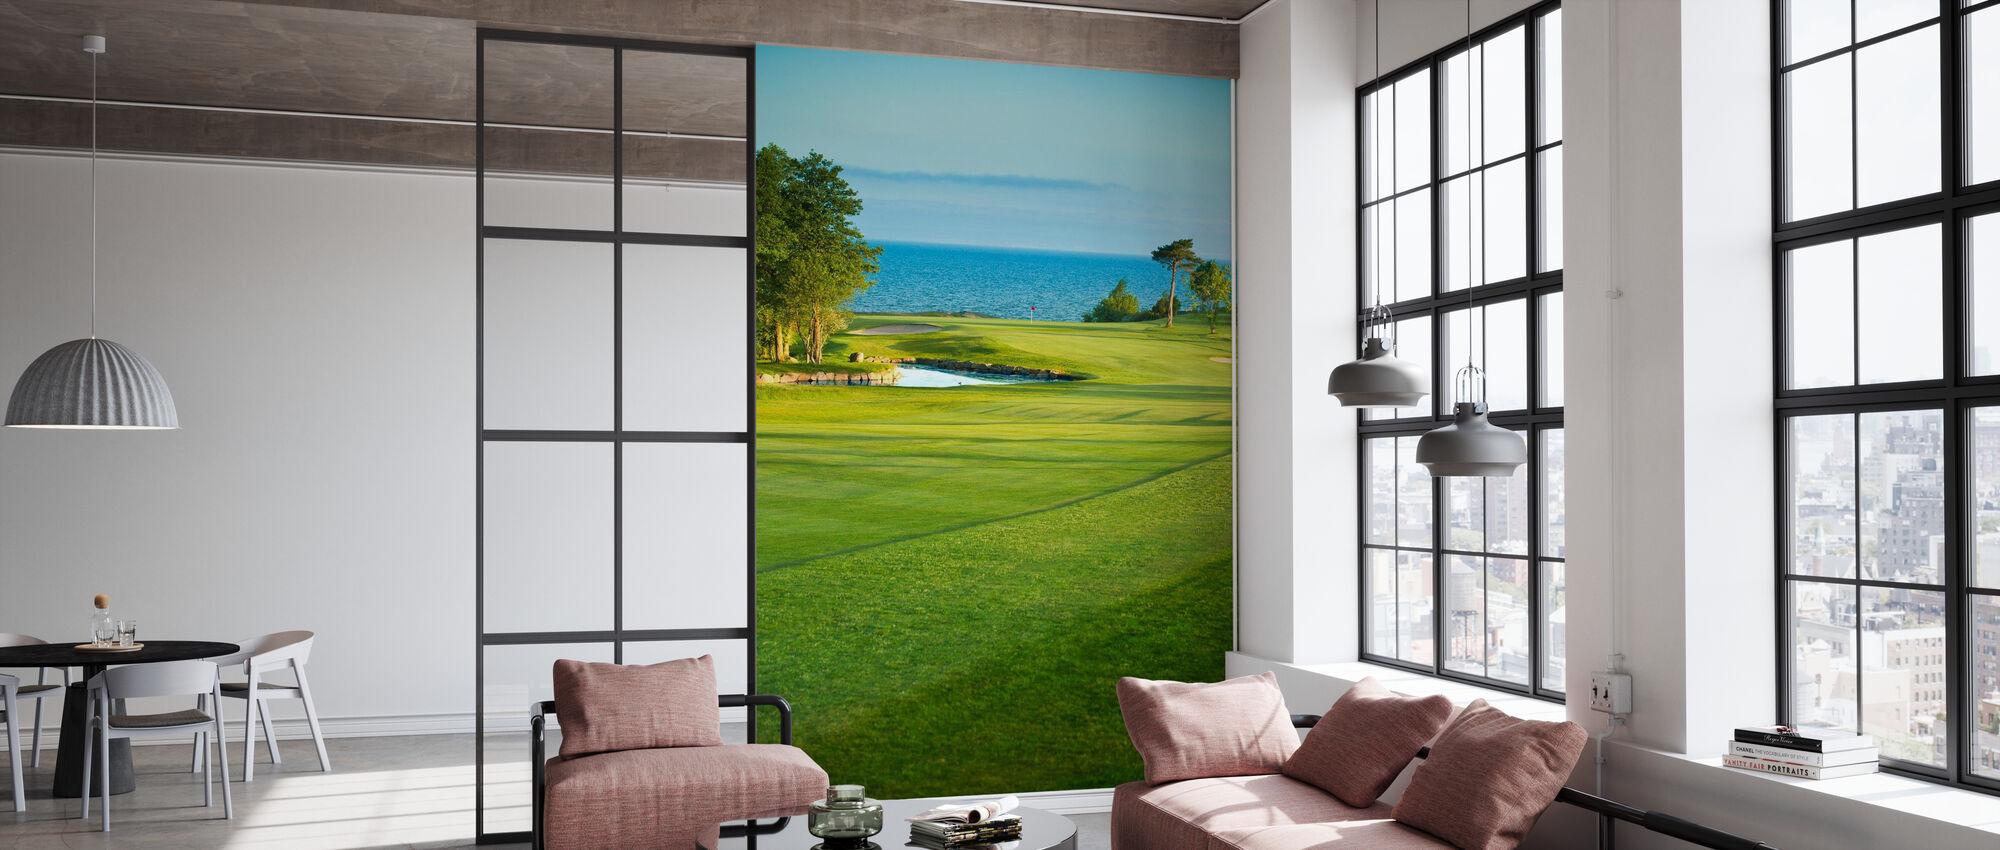 Golf Court in Stora Lund, Sweden - Wallpaper - Office